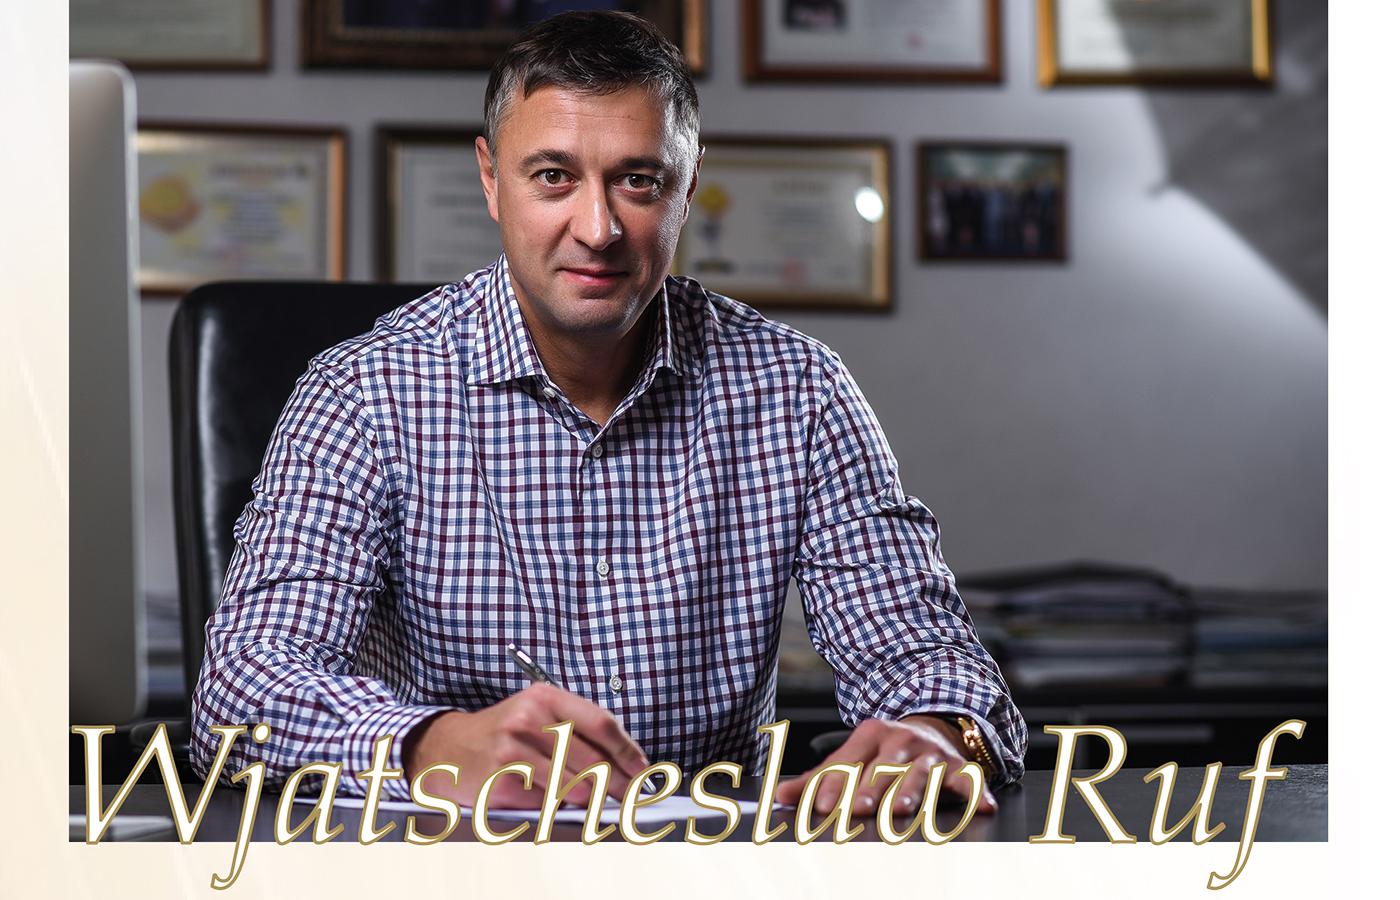 Wjatscheslaw Ruf